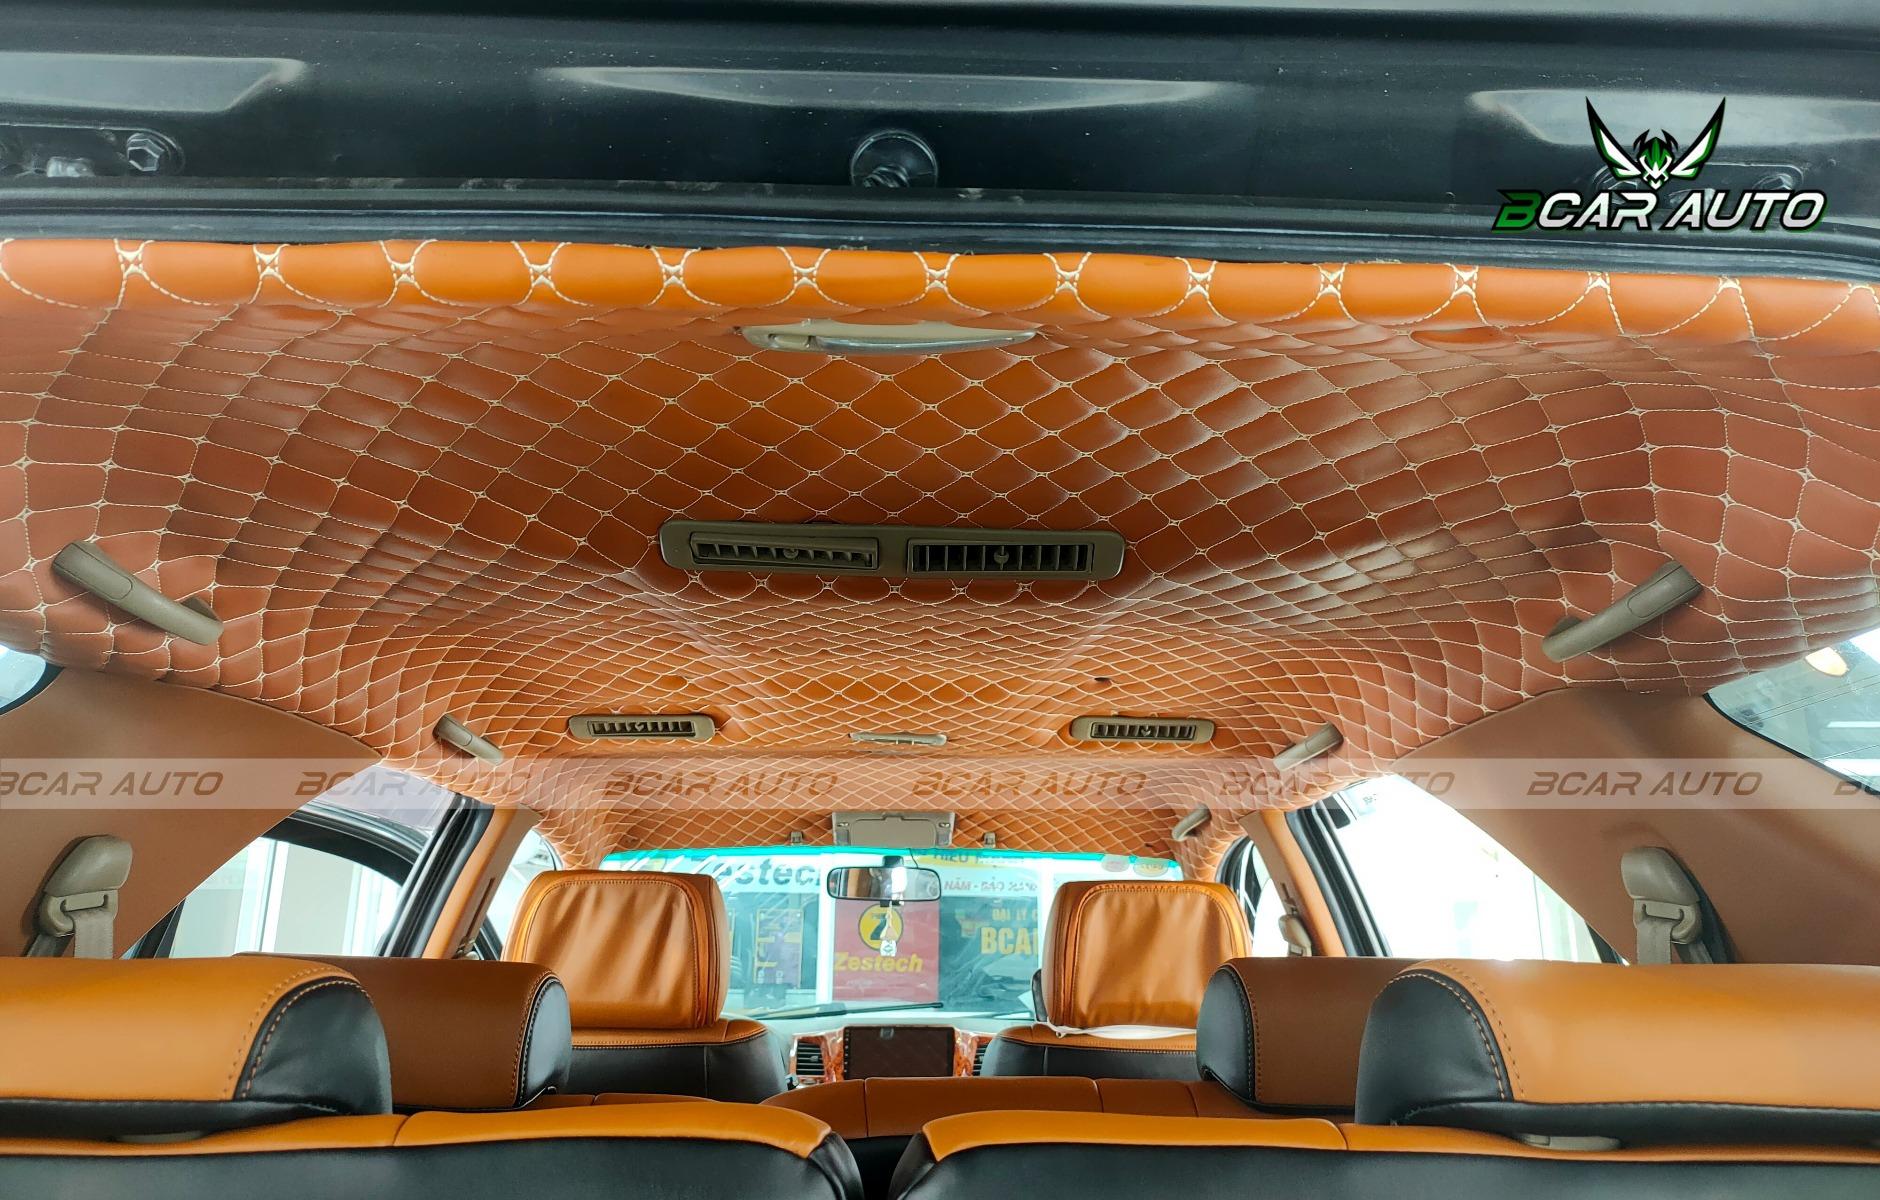 Bọc trần 5d, 6d xe ô tô